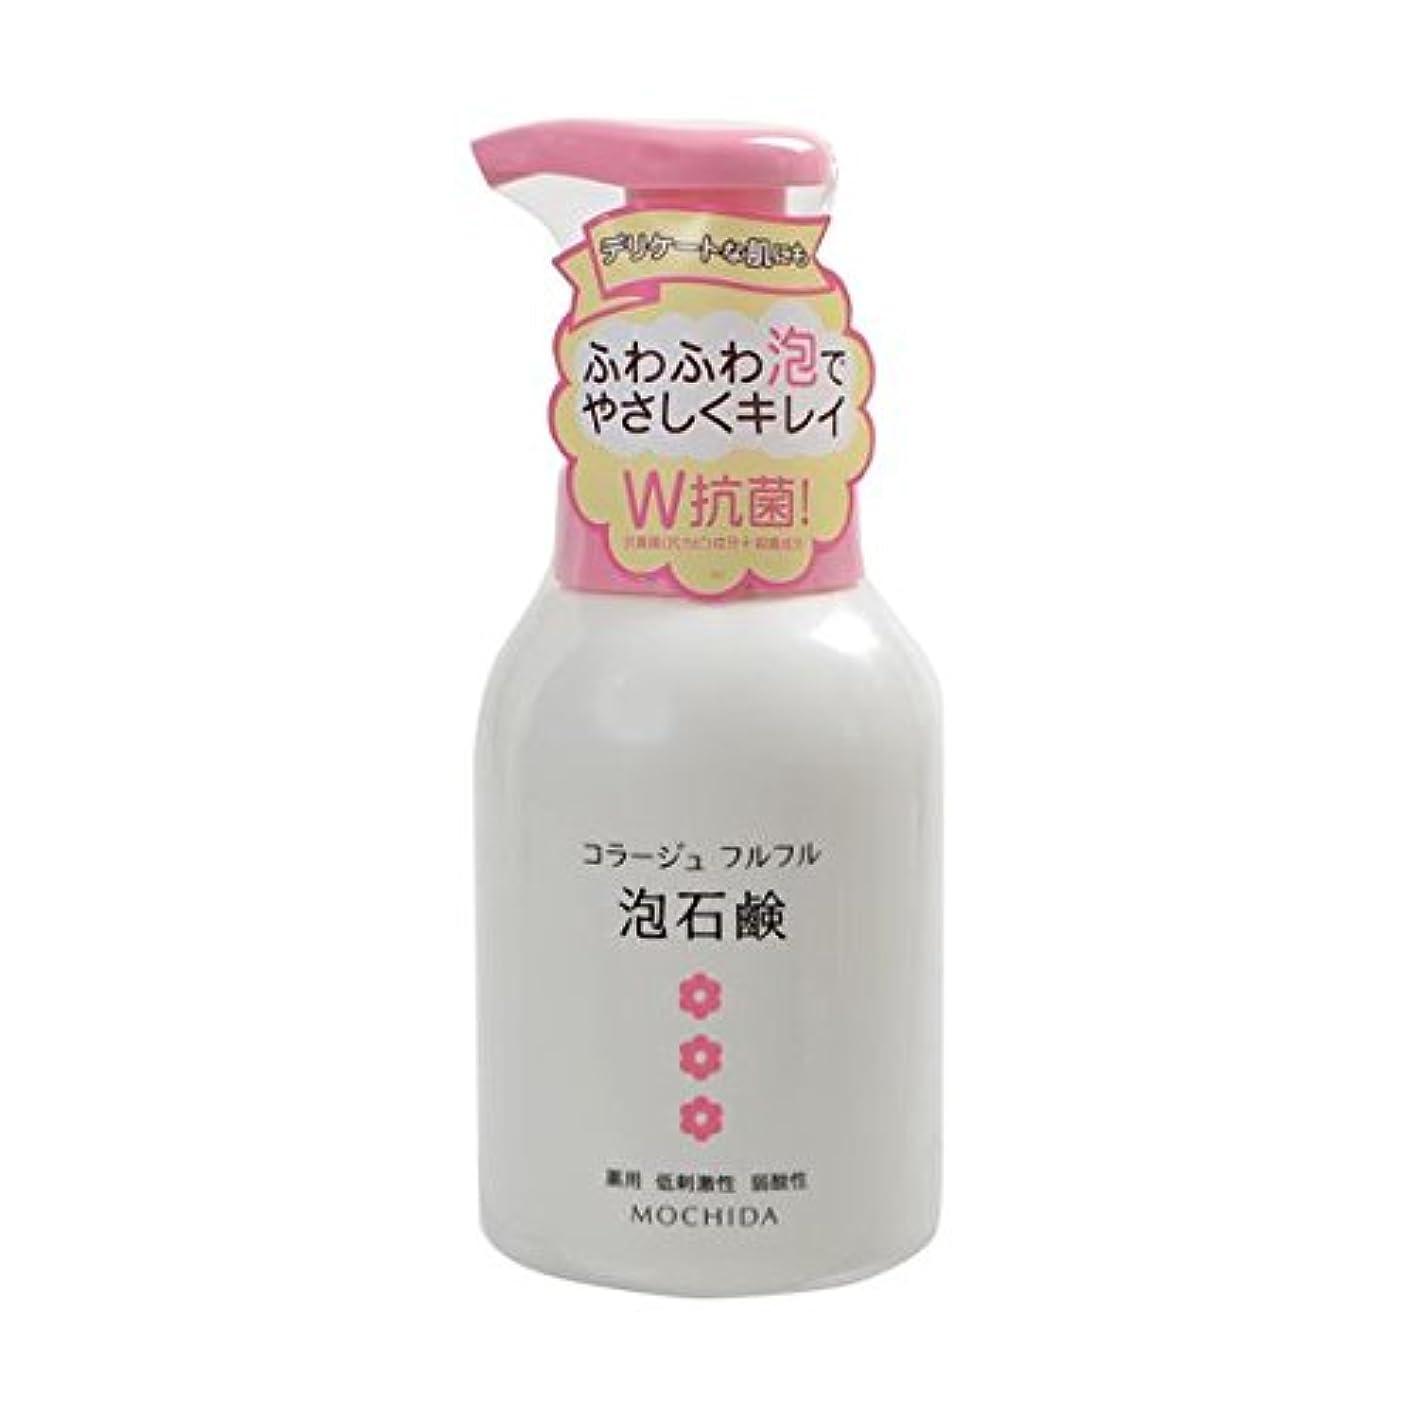 内側反動スワップ【まとめ買い】コラージュフルフル 泡石鹸 ピンク 300mL×3個セット(医薬部外品)